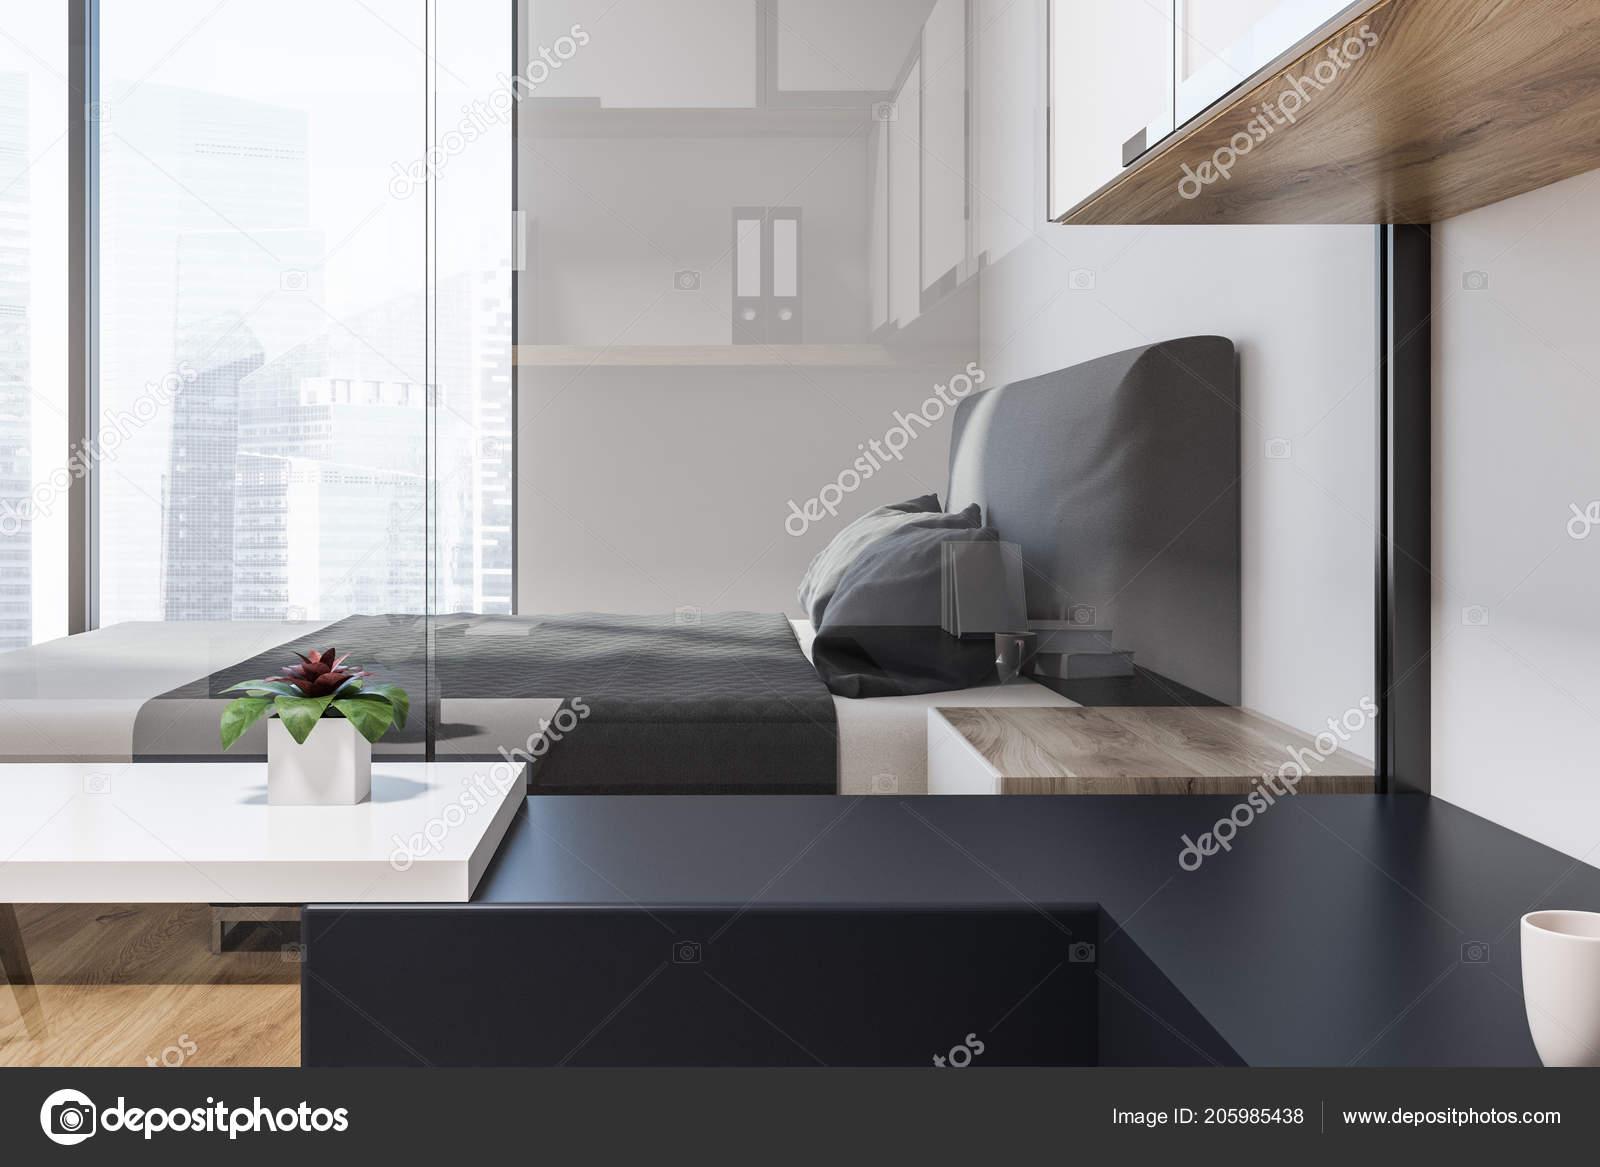 Glazen Wand Slaapkamer : Slaapkamer met badkamer ensuite nieuwe wonen